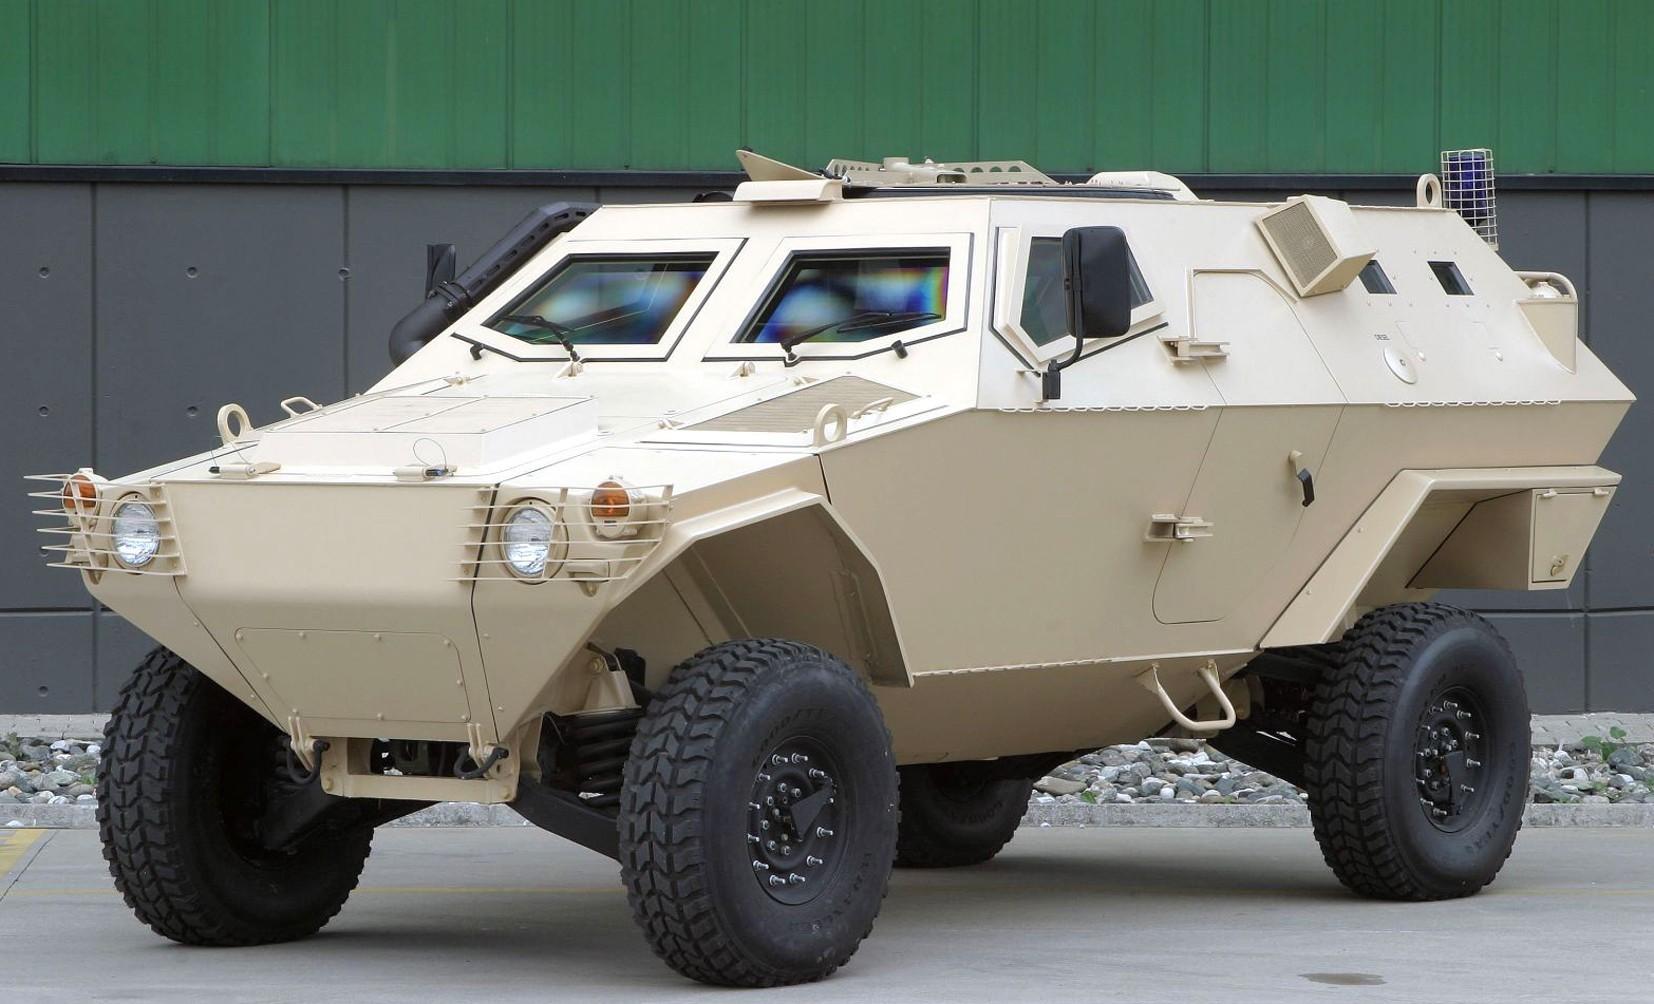 Многоцелевая машина Otokar Cobra в варианте бронетранспортера